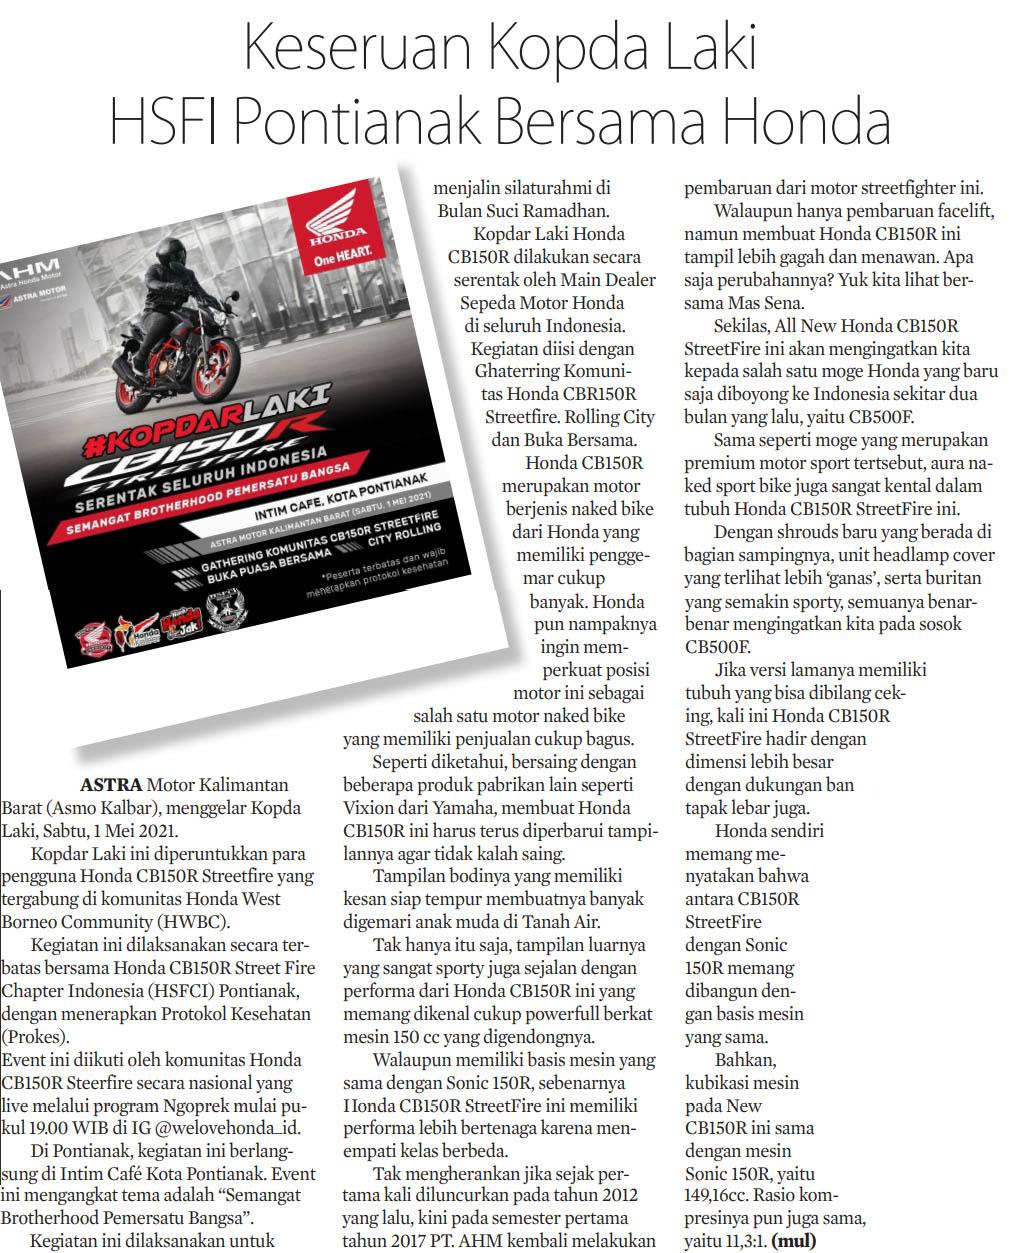 03 mei 2021 Keseruan Kopda Laki HSFI Pontianak Bersama Honda Kalbar